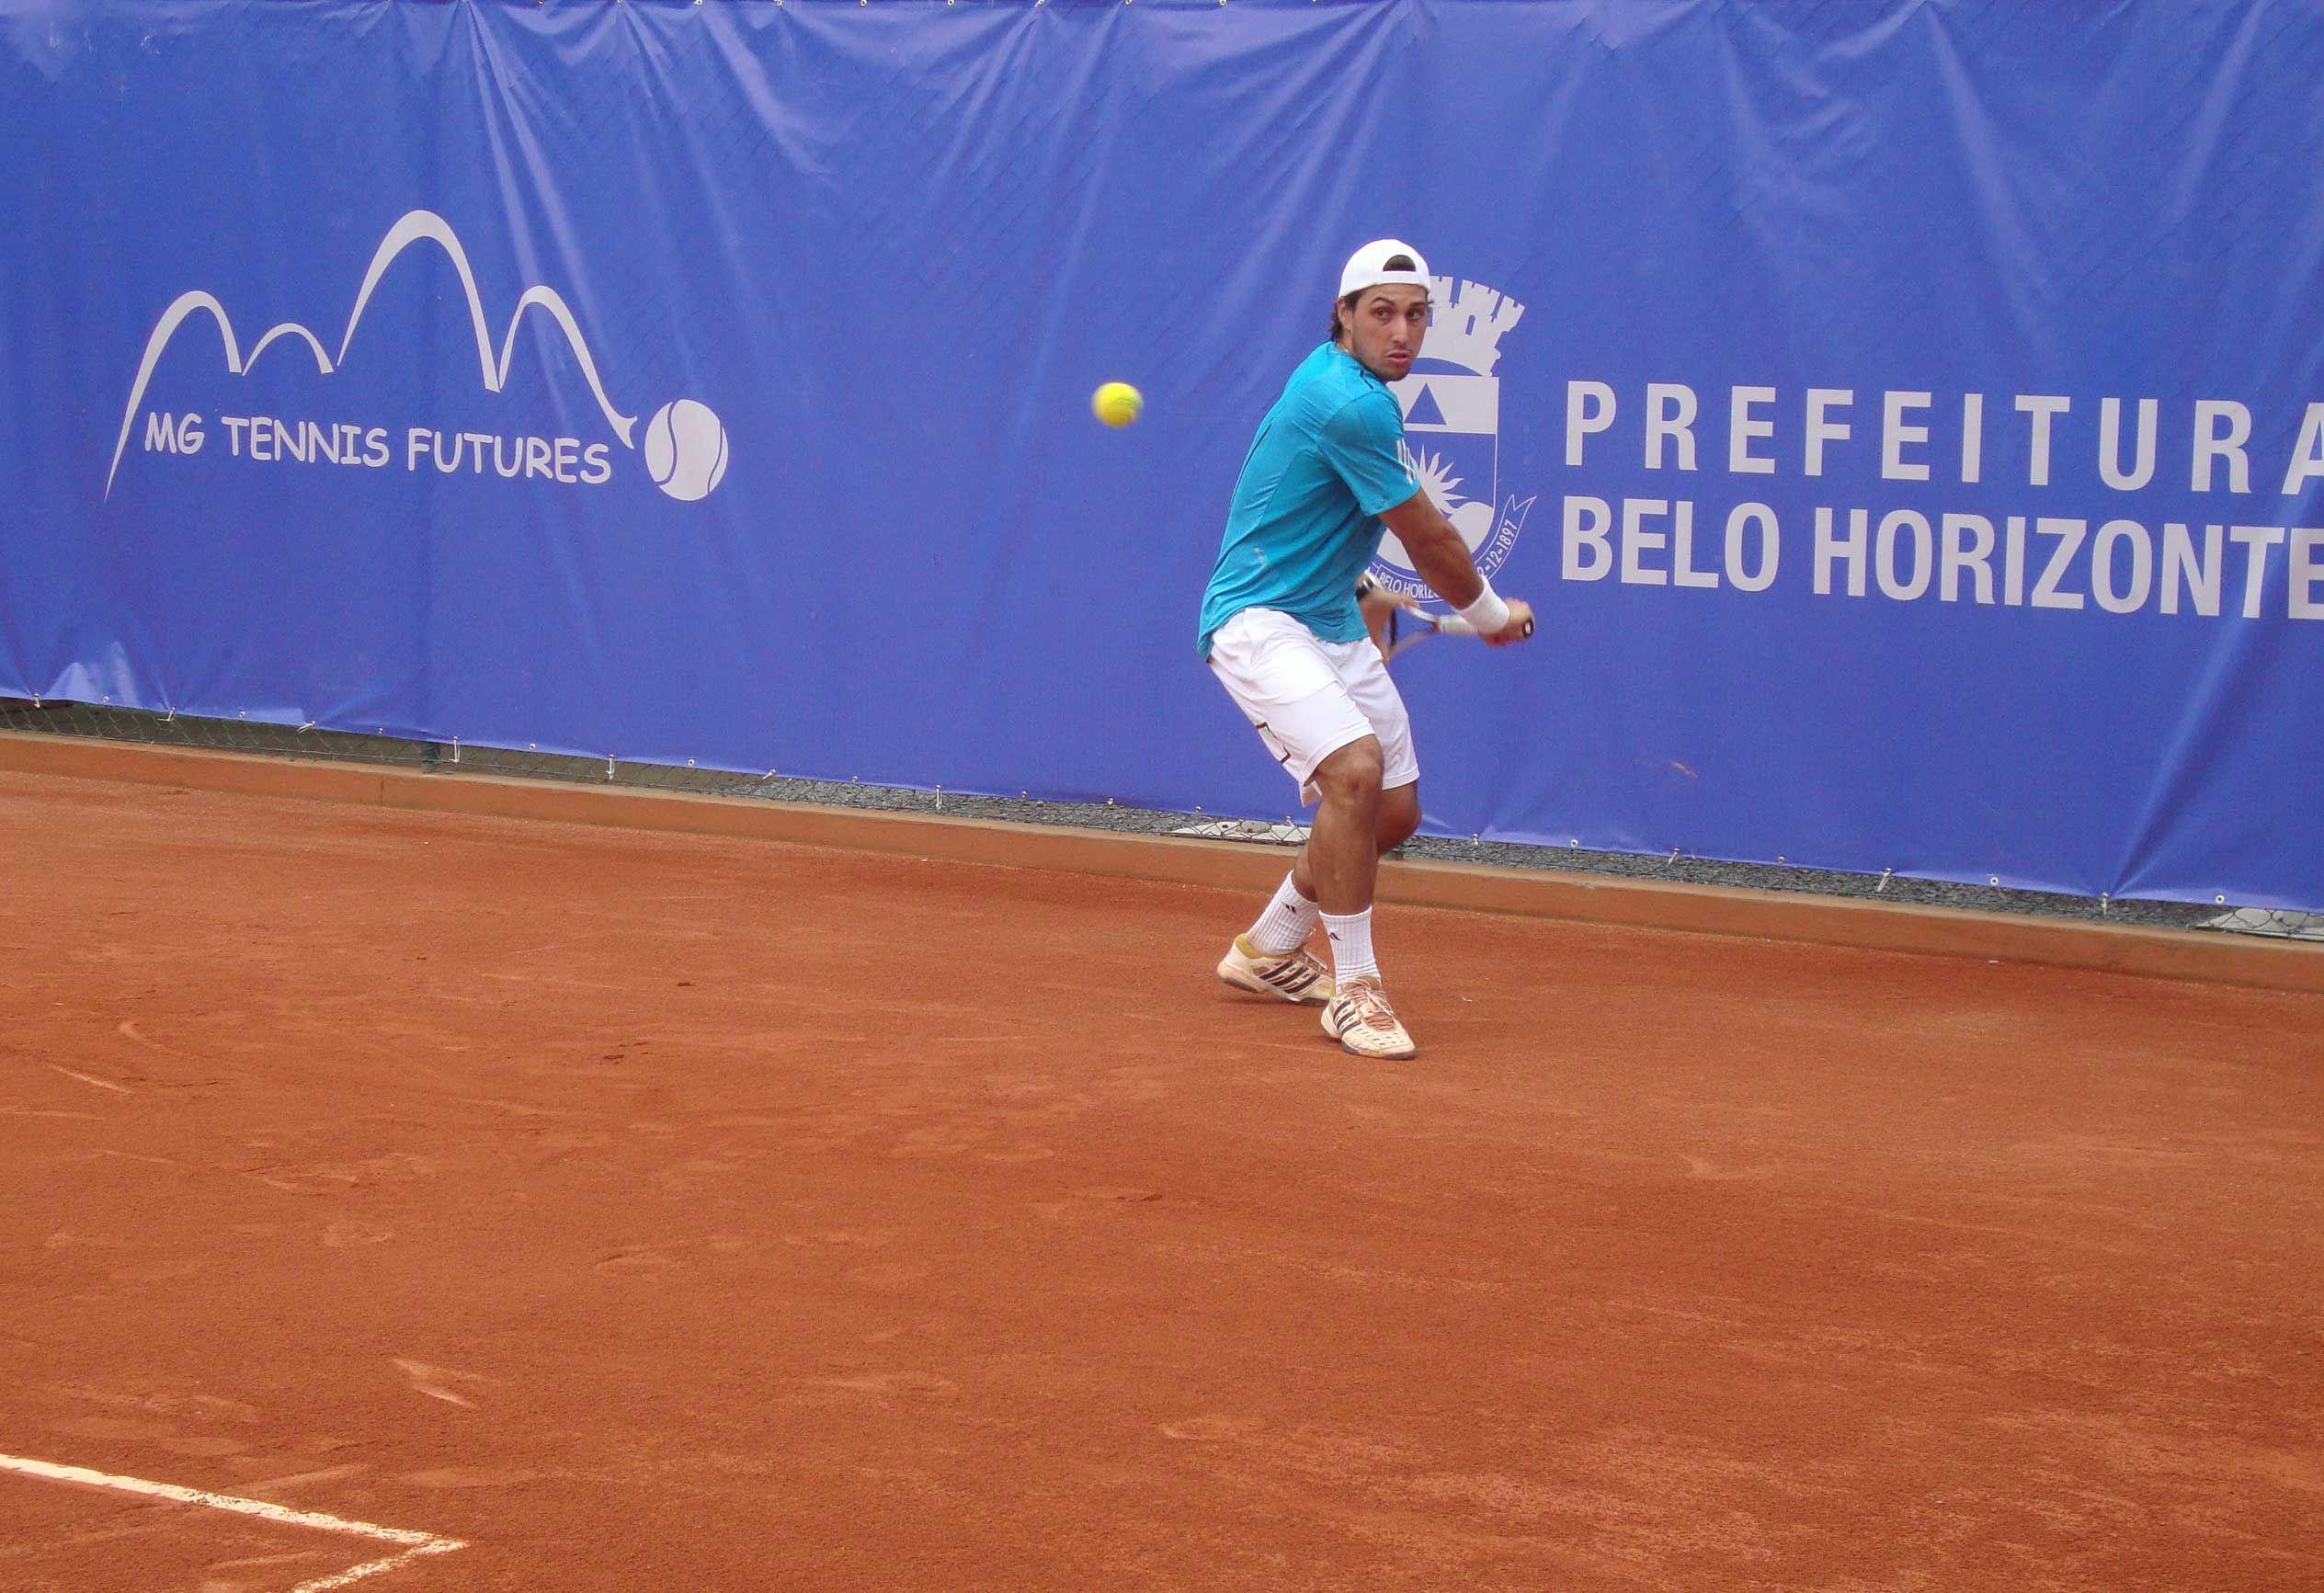 Fernando Romboli nella foto